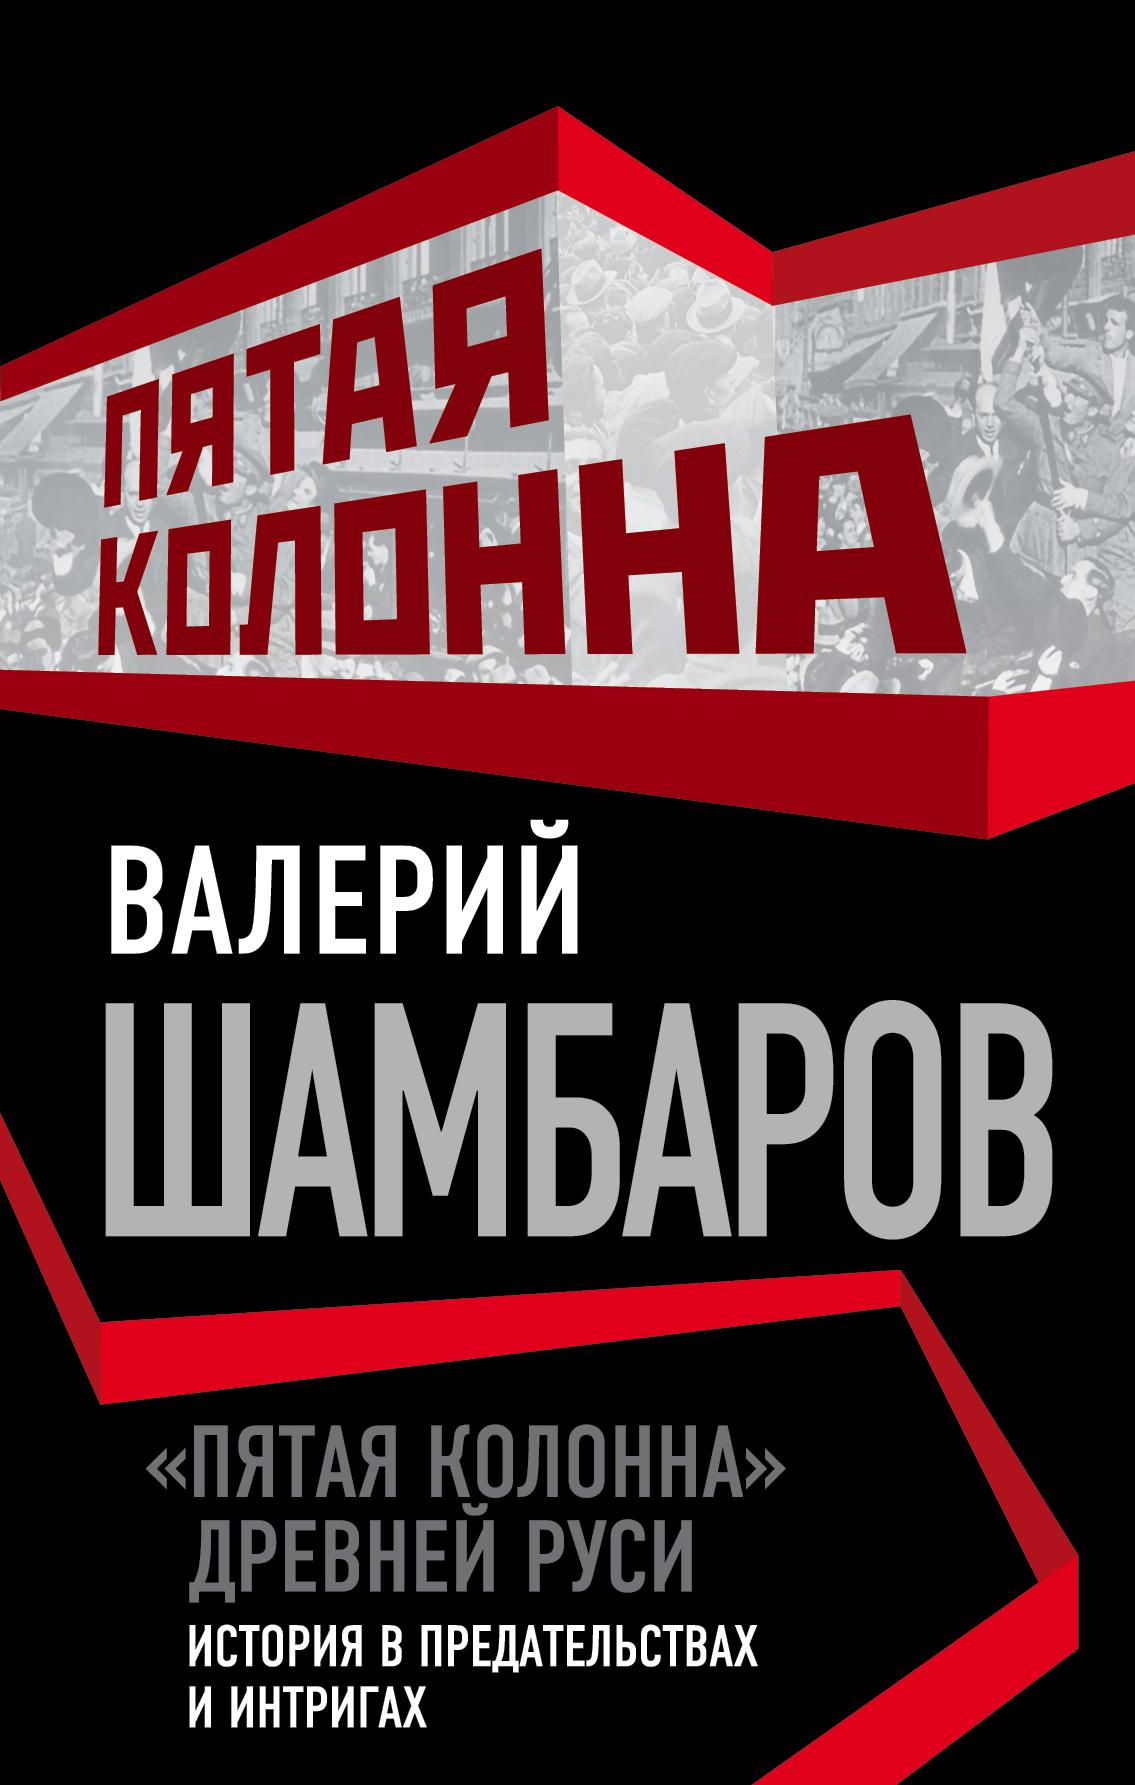 Пятая колонна Древней Руси: история в предательствах и интригах